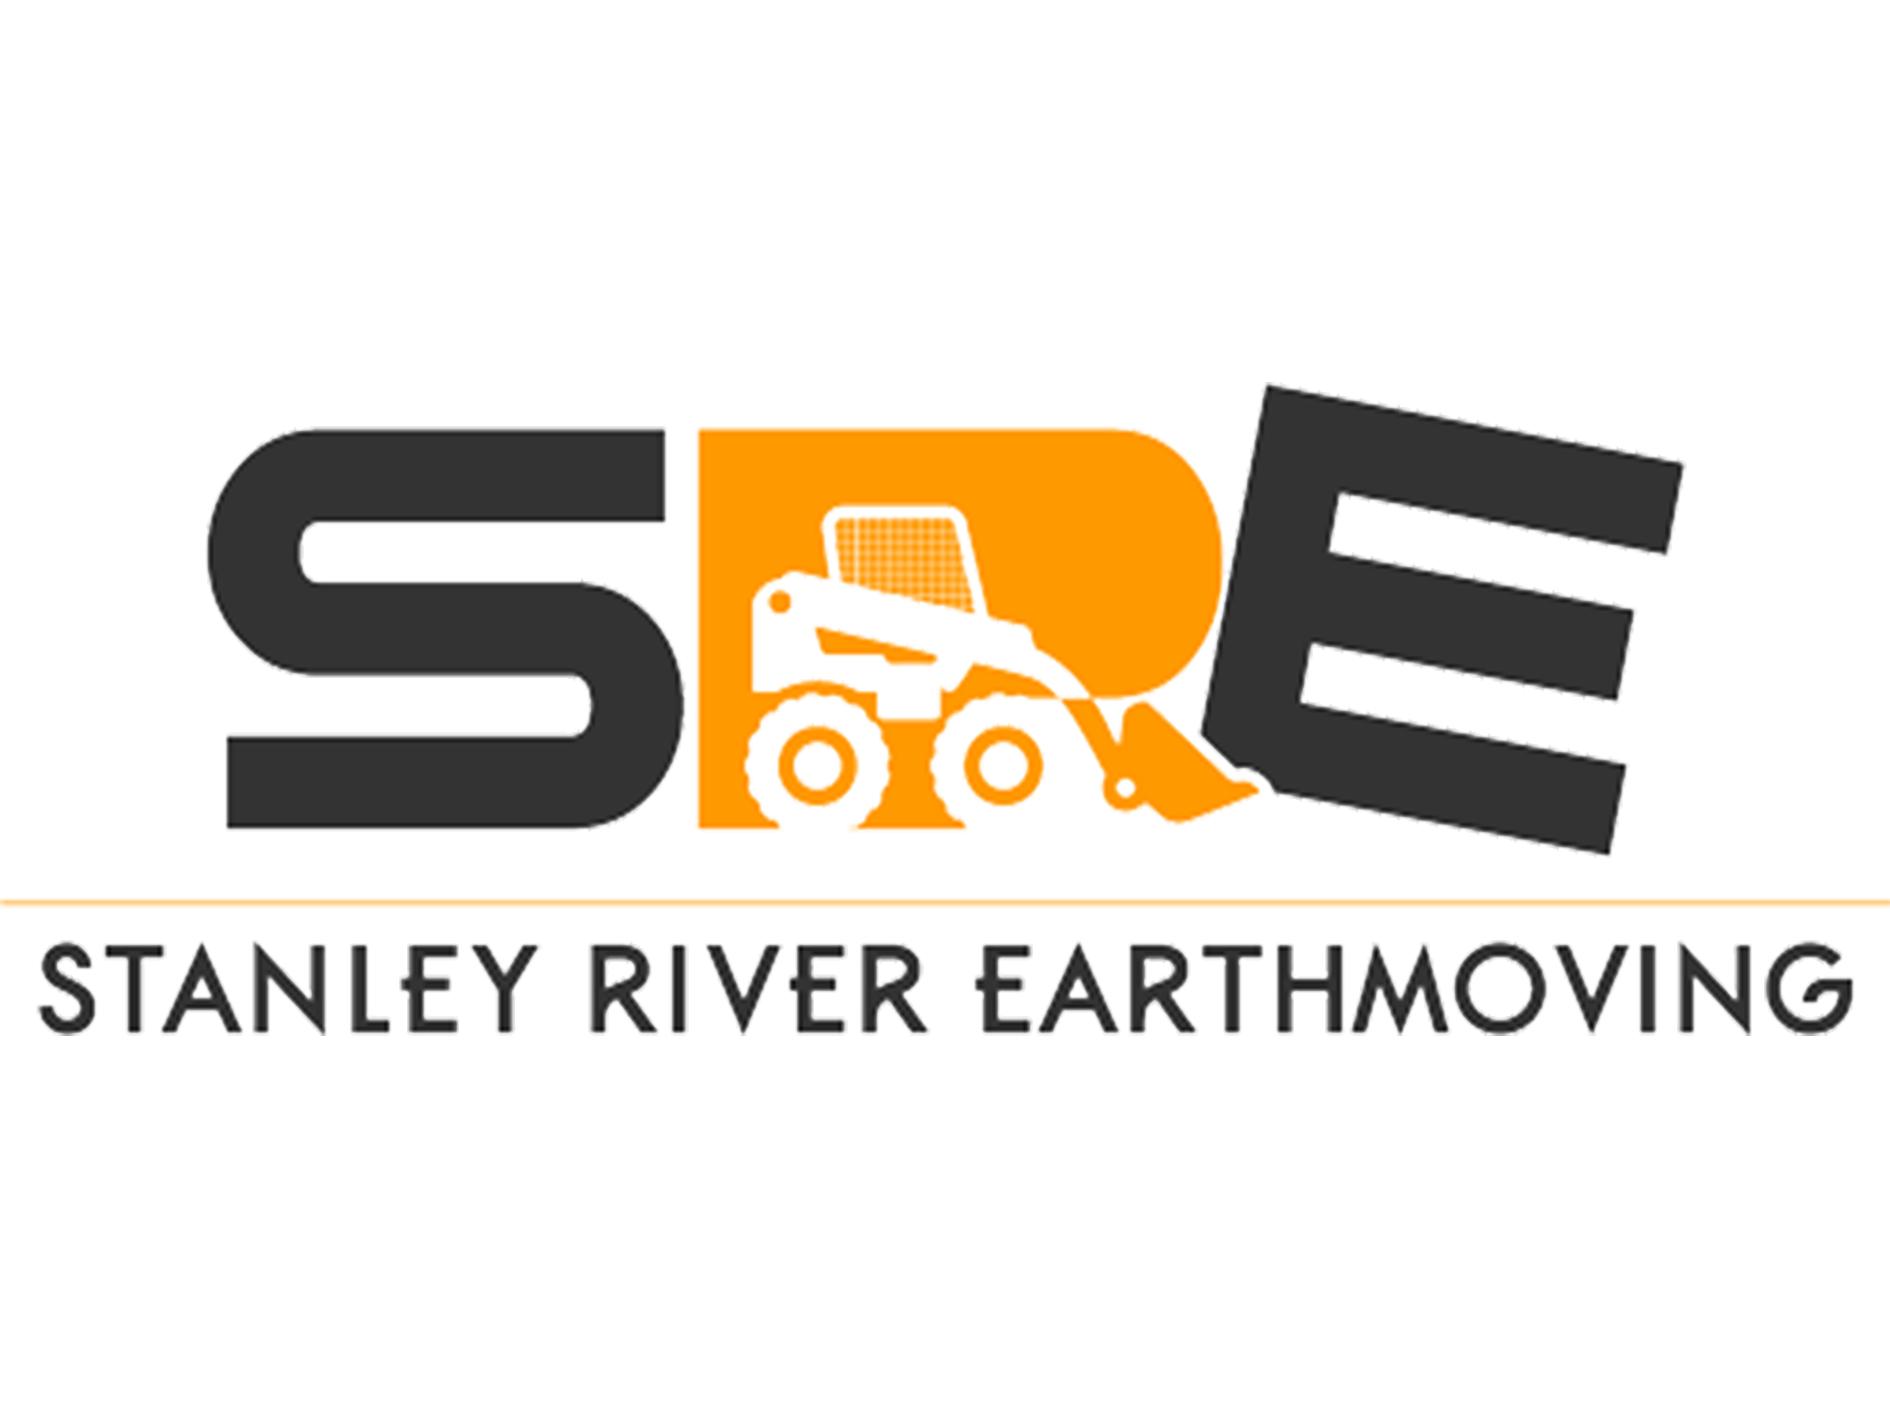 stanley-river-earthmoving-logo